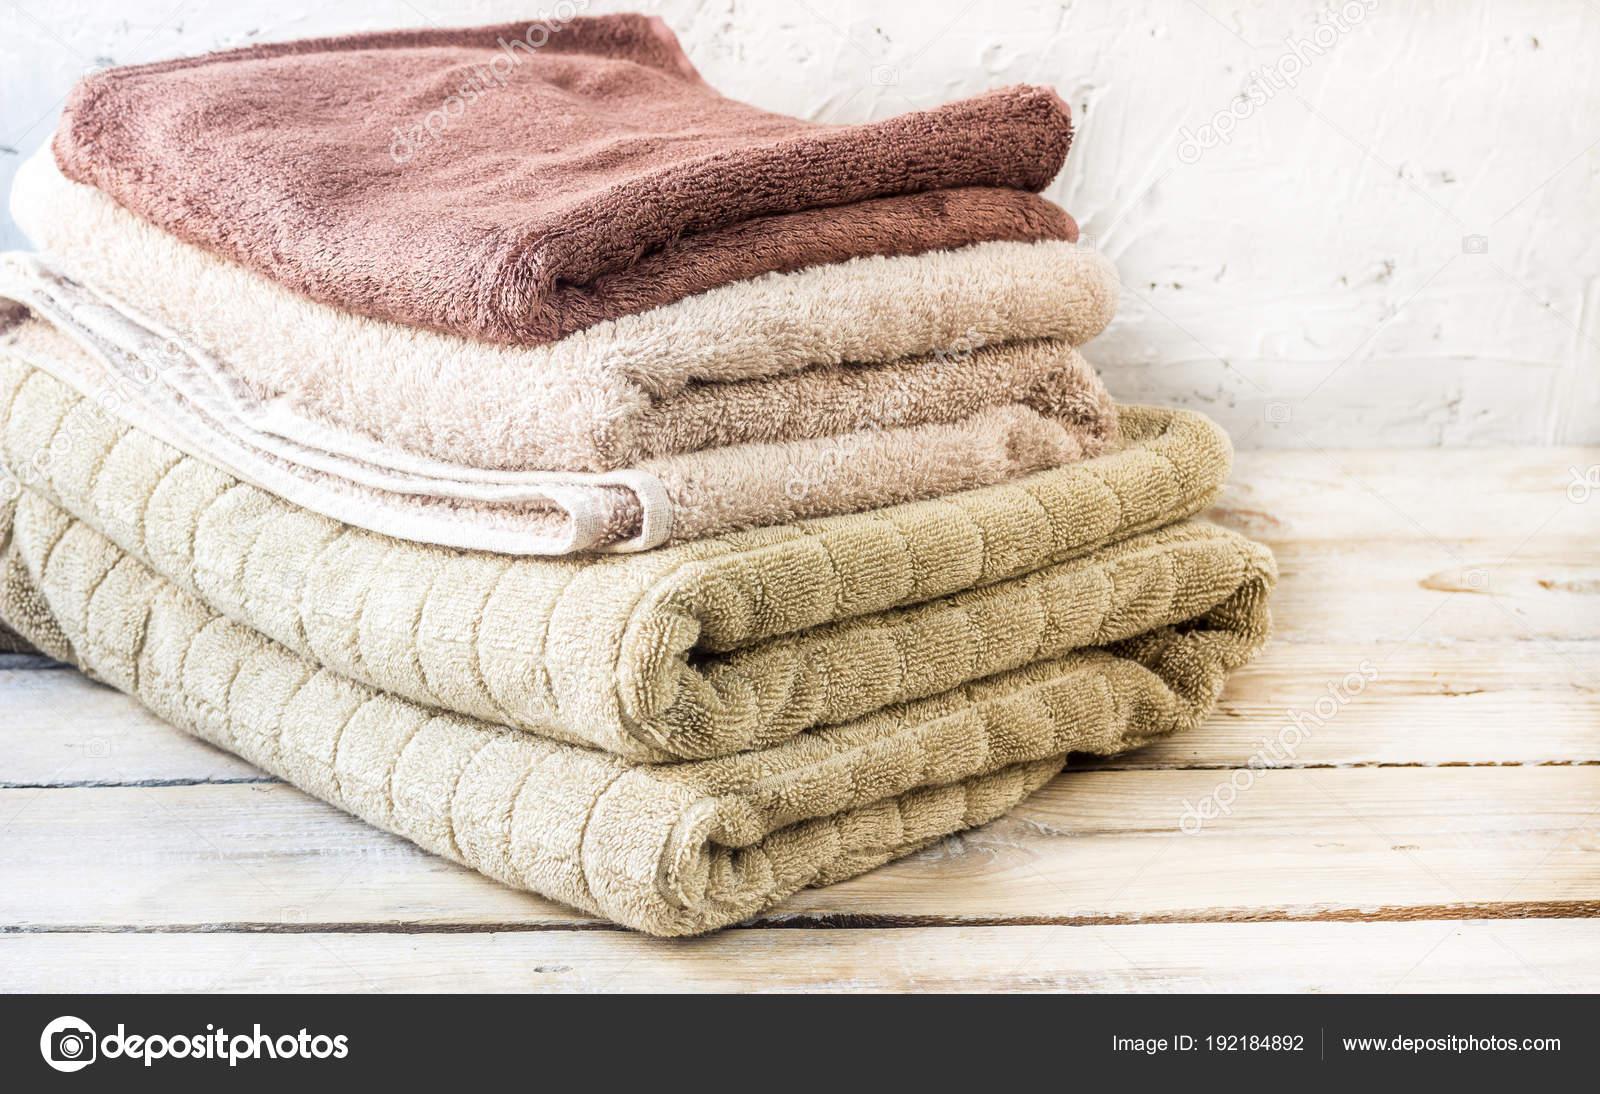 Pila di asciugamani da bagno u2014 foto stock © juliamikhaylova #192184892